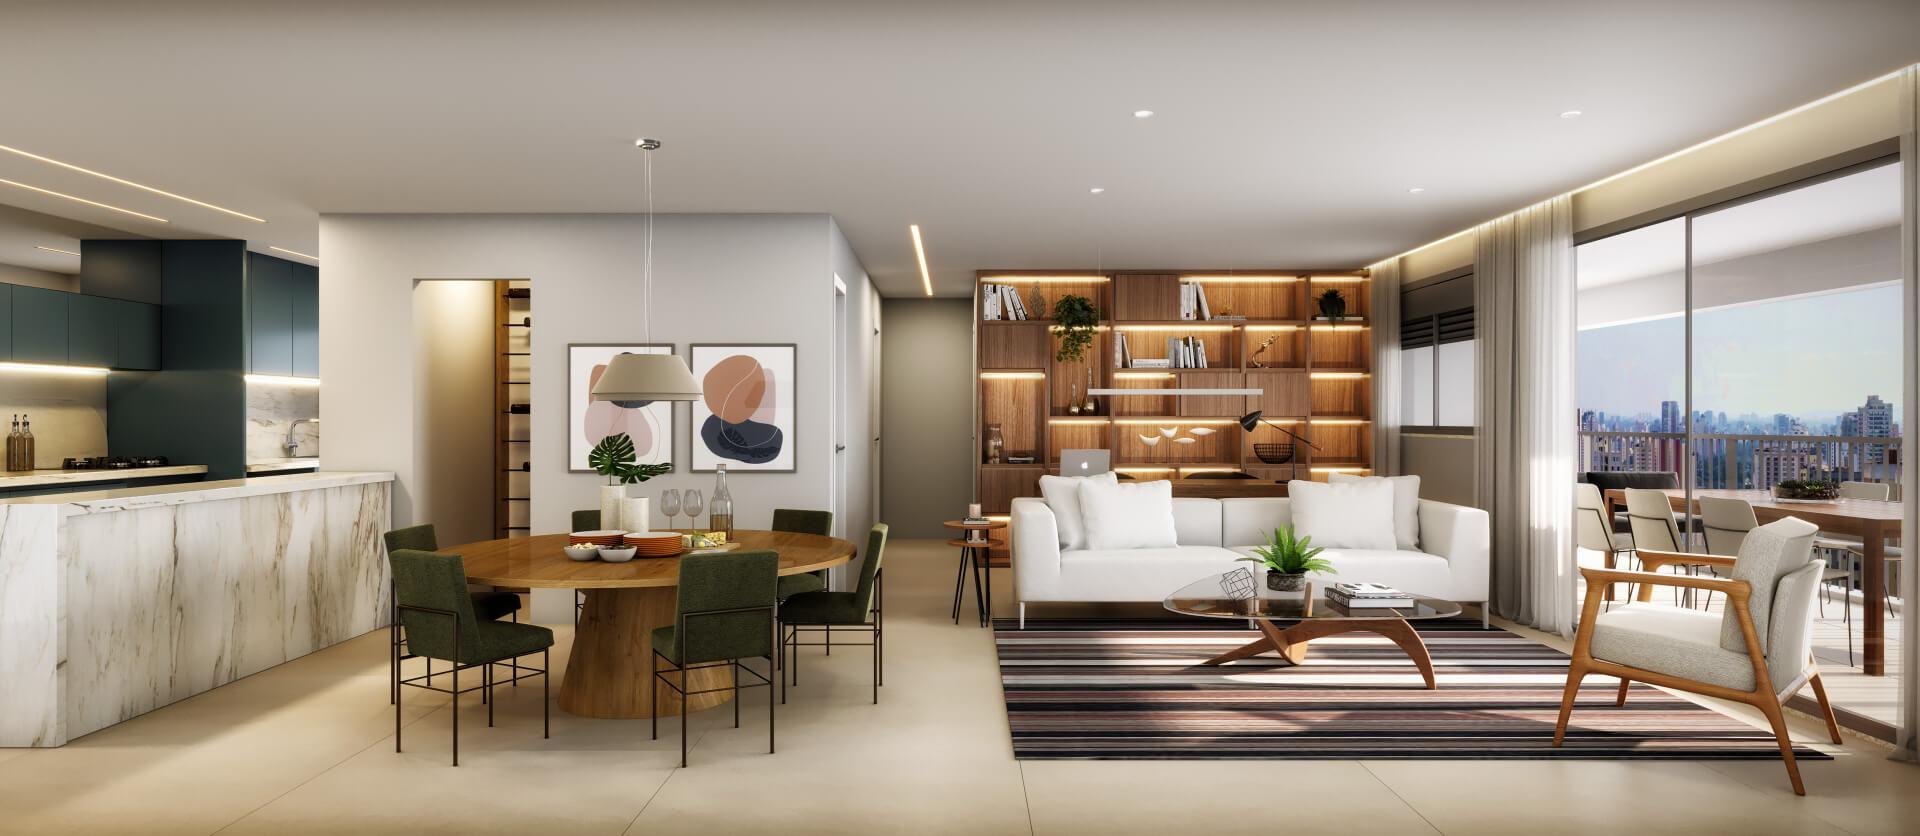 PERSPECTIVA ARTÍSTICA DO LIVING do apto de 115 m² com opção que amplia a área social, criando um espaço interno totalmente integrado e com muito espaço para o dia a dia da família ou para receber convidados.